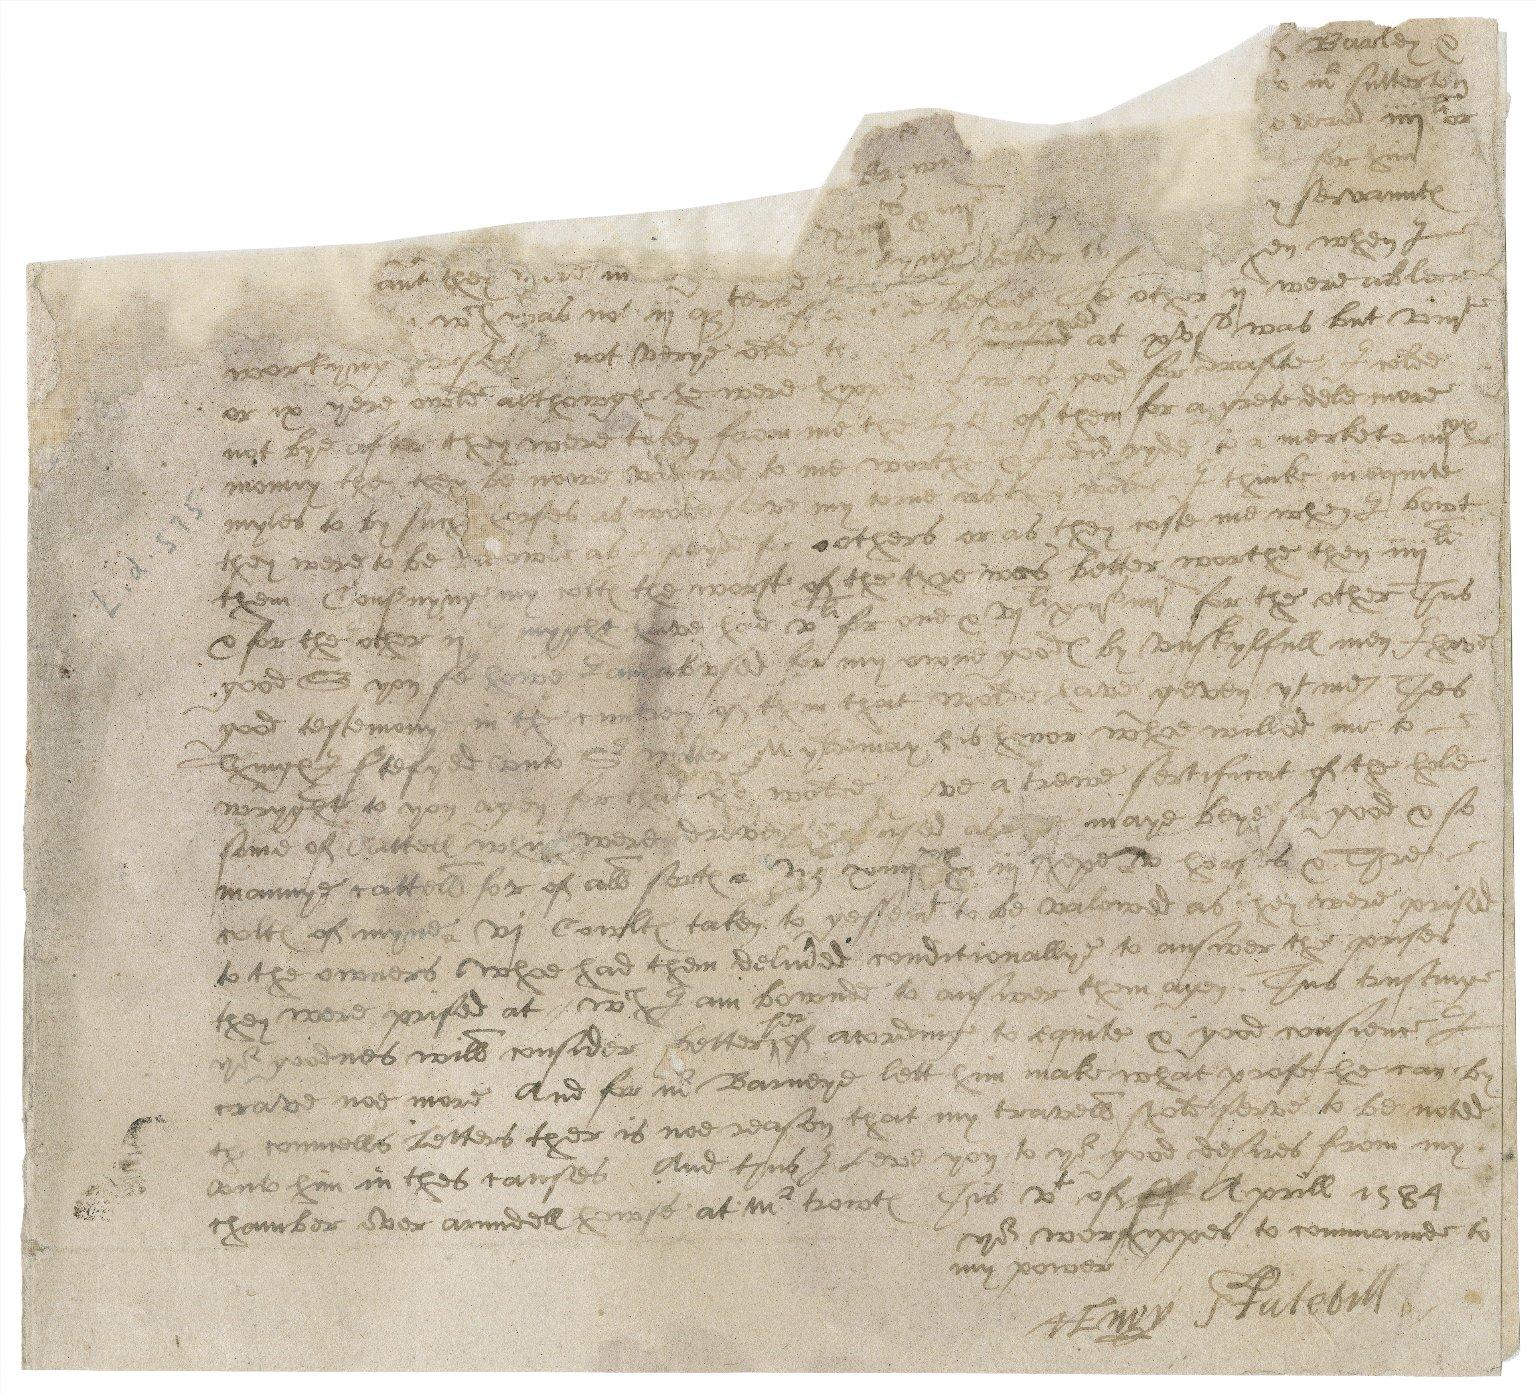 Letter from Henry Stutevile [i.e. Stutfield] to [Nathaniel Bacon and William Blennerhassett] : fragment